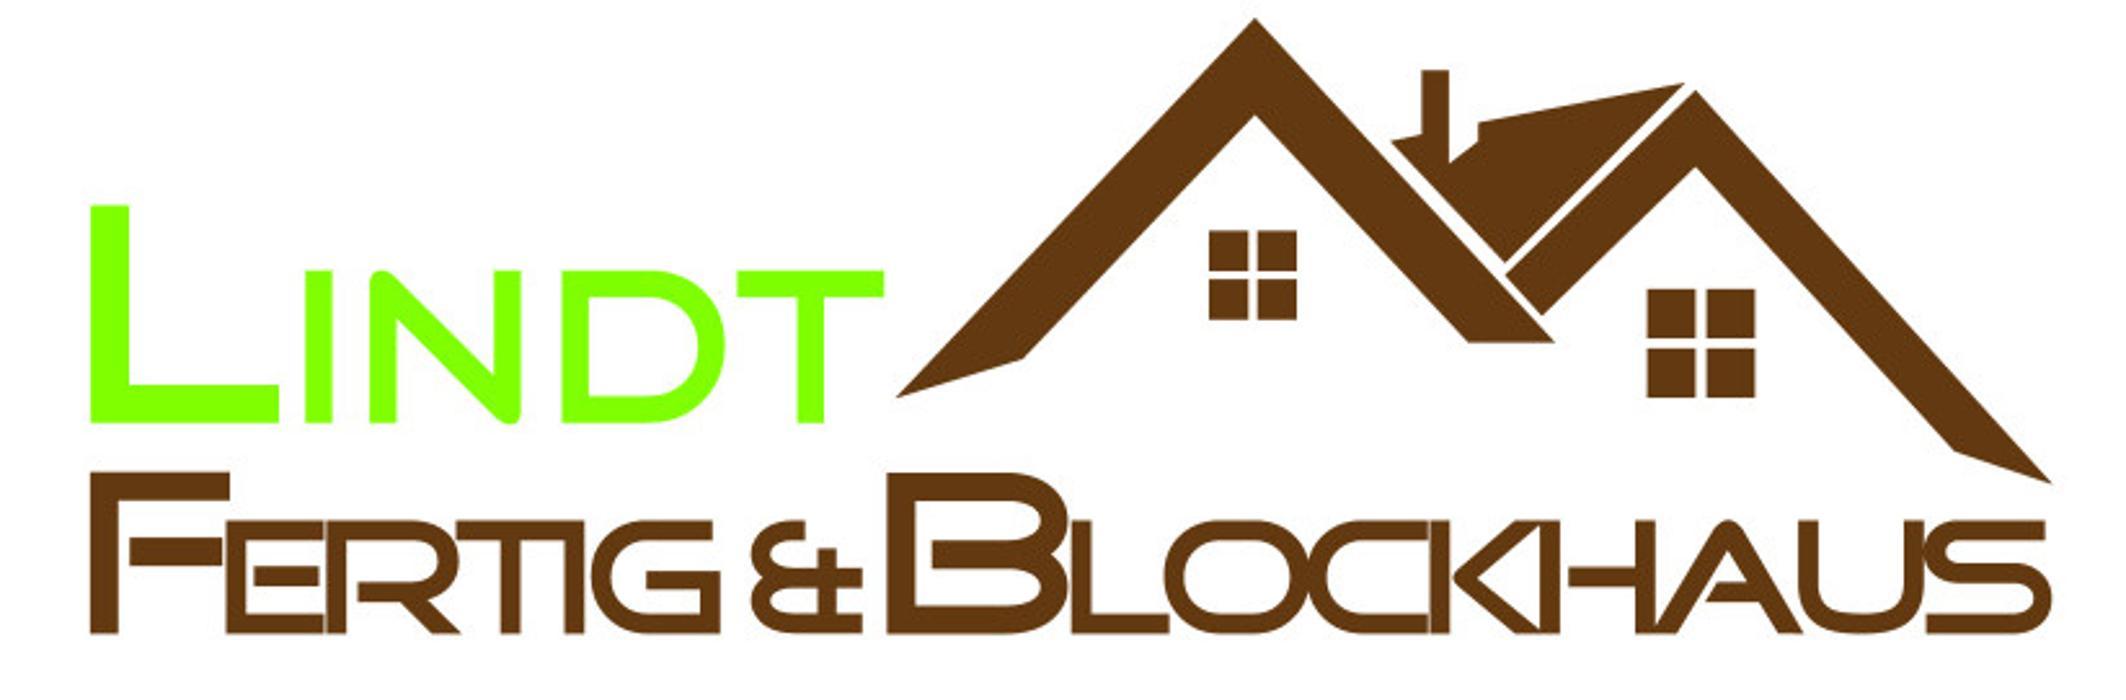 Bild zu LINDT-Fertig & Blockhaus GmbH in Rosenberg in Baden